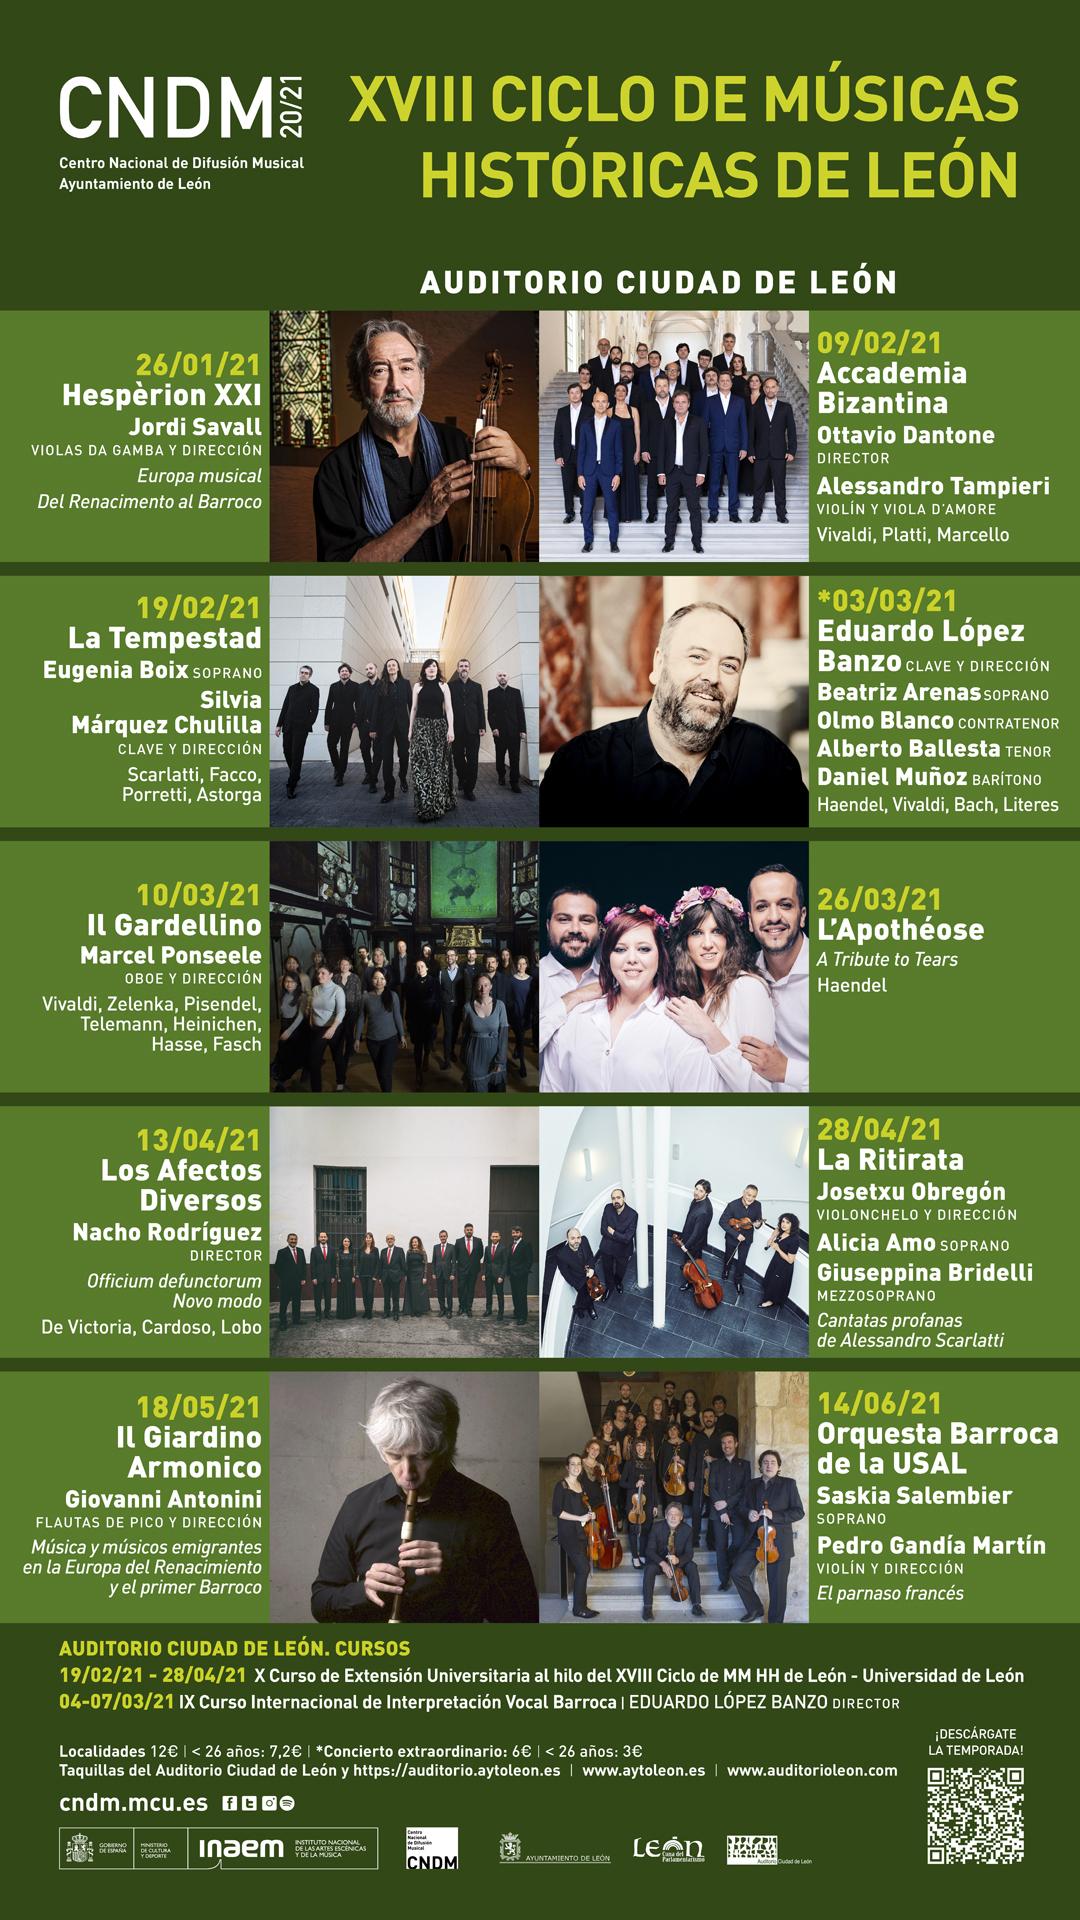 Cartel de la XVIII edición del Ciclo de Músicas Históricas de León